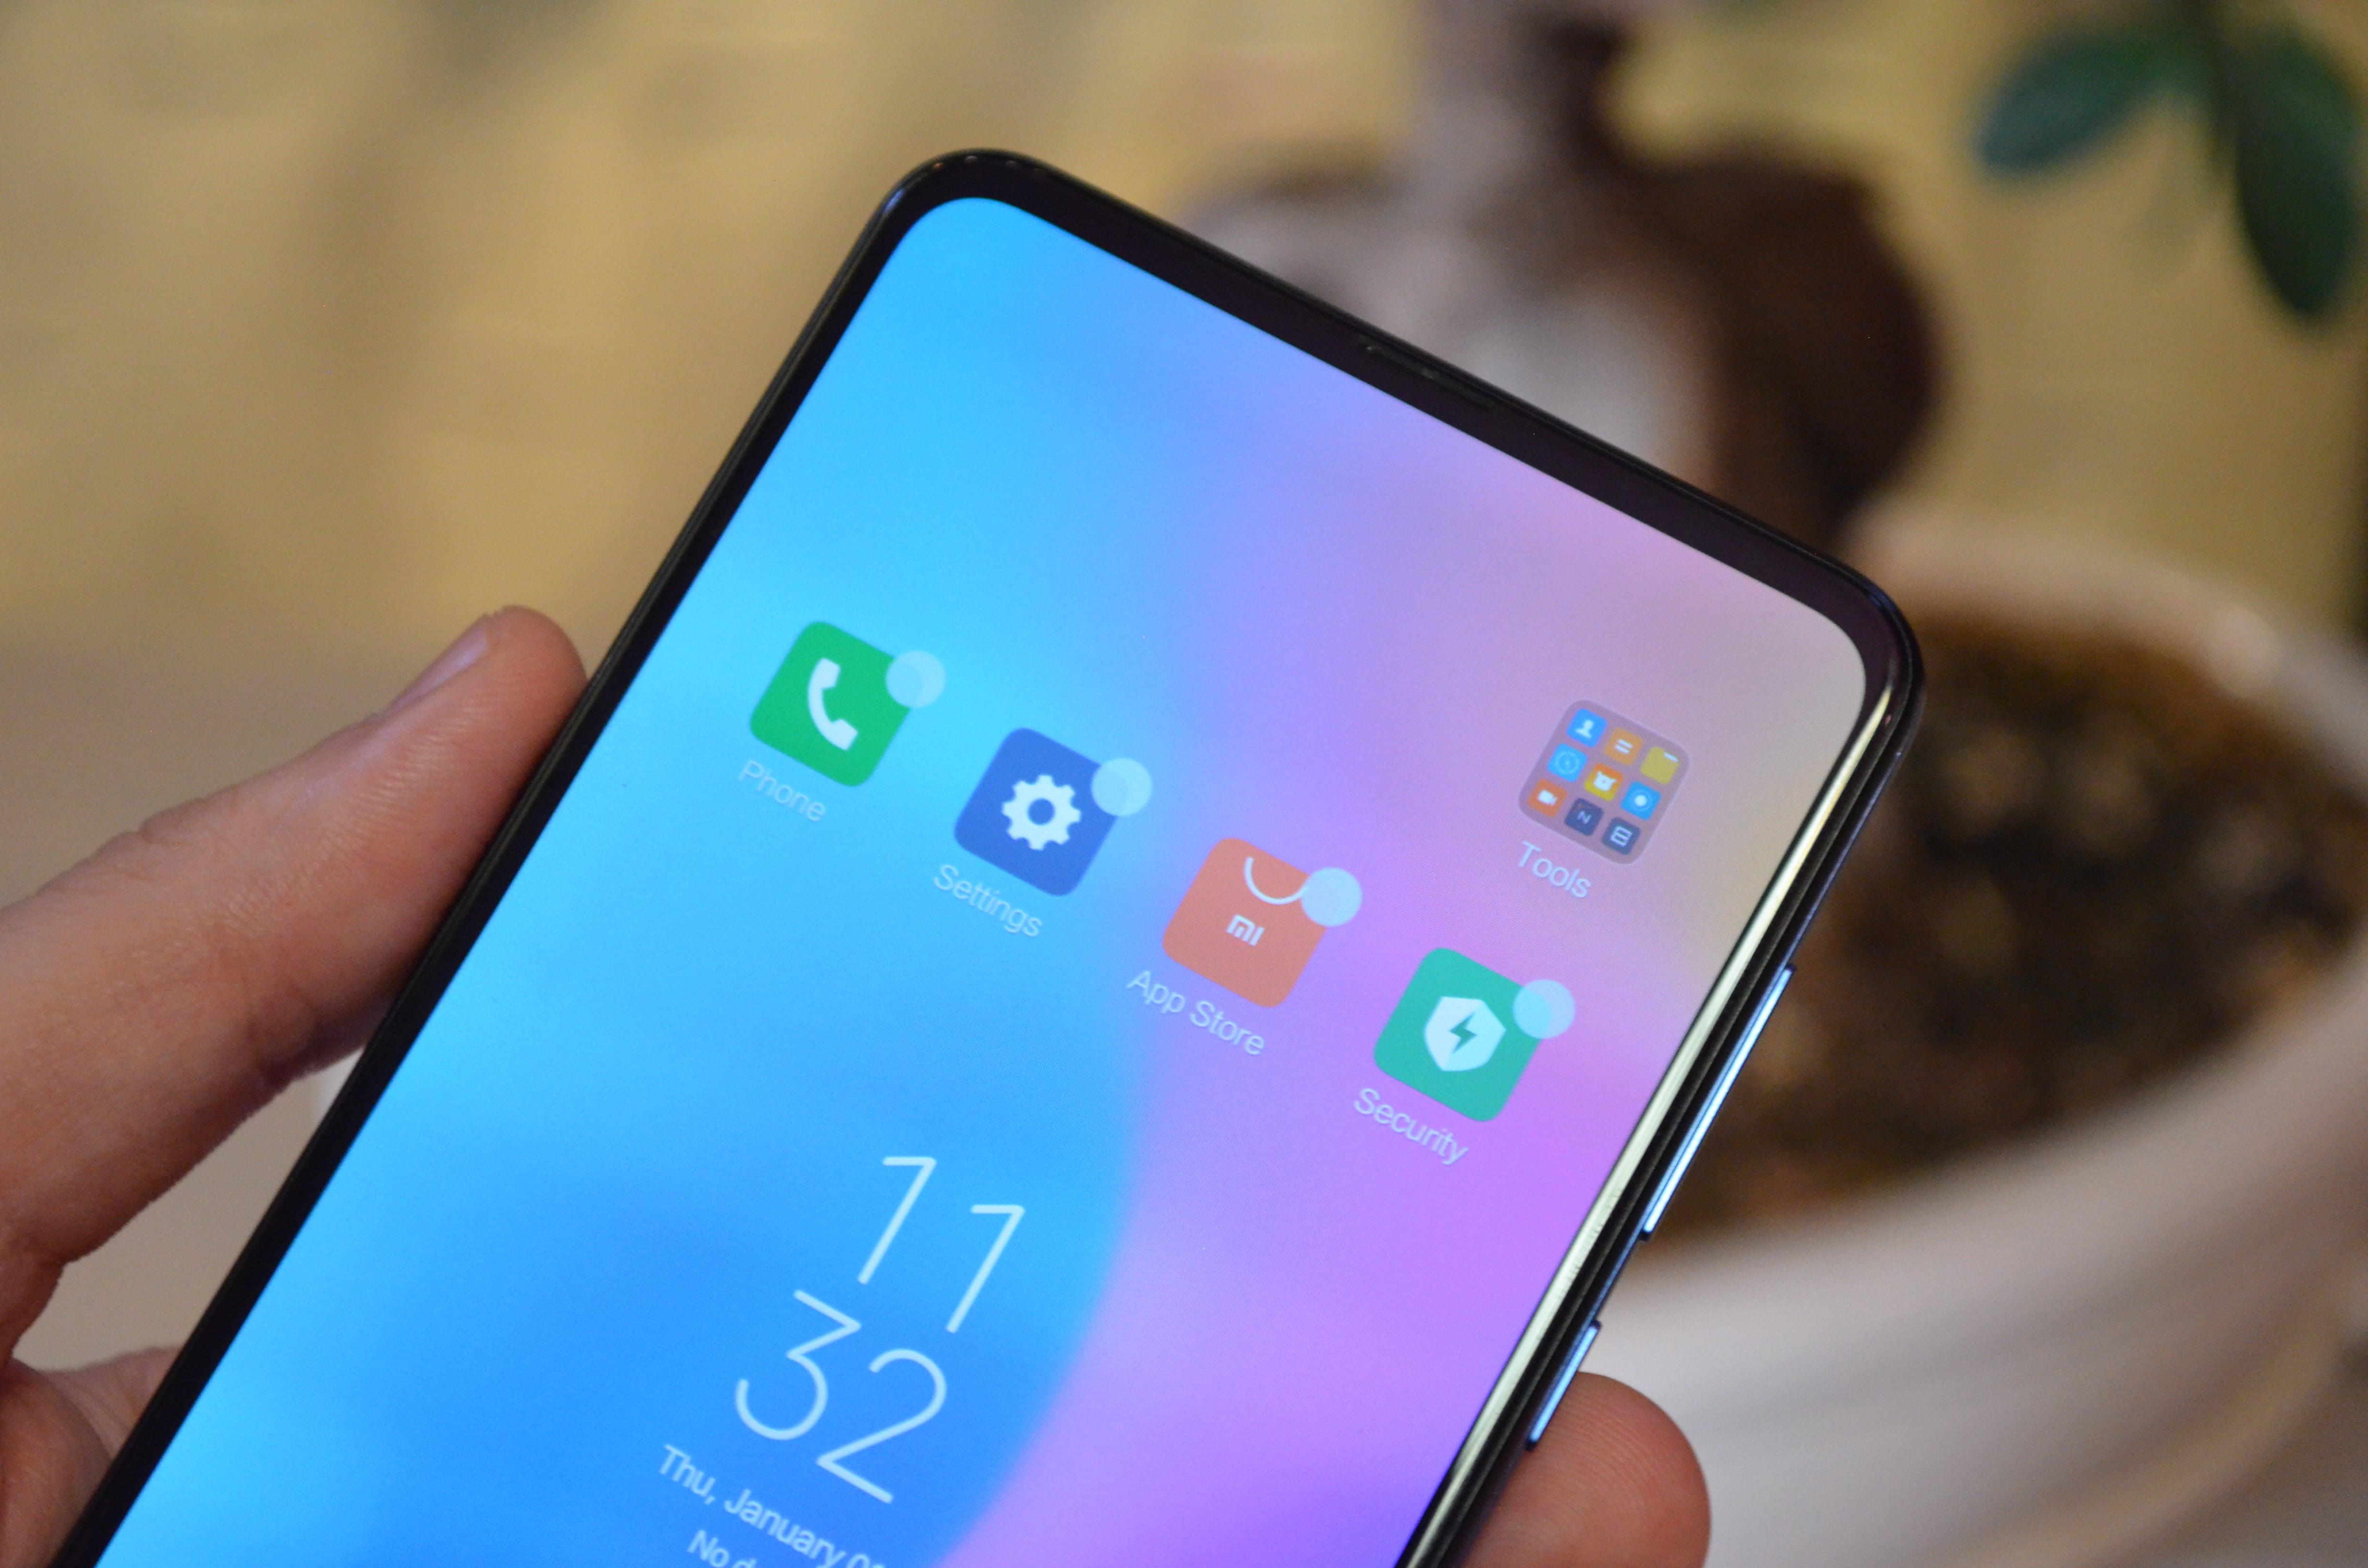 Promocja: Rozsuwany Xiaomi Mi MIX 3 w zadziwiająco niskiej cenie 17